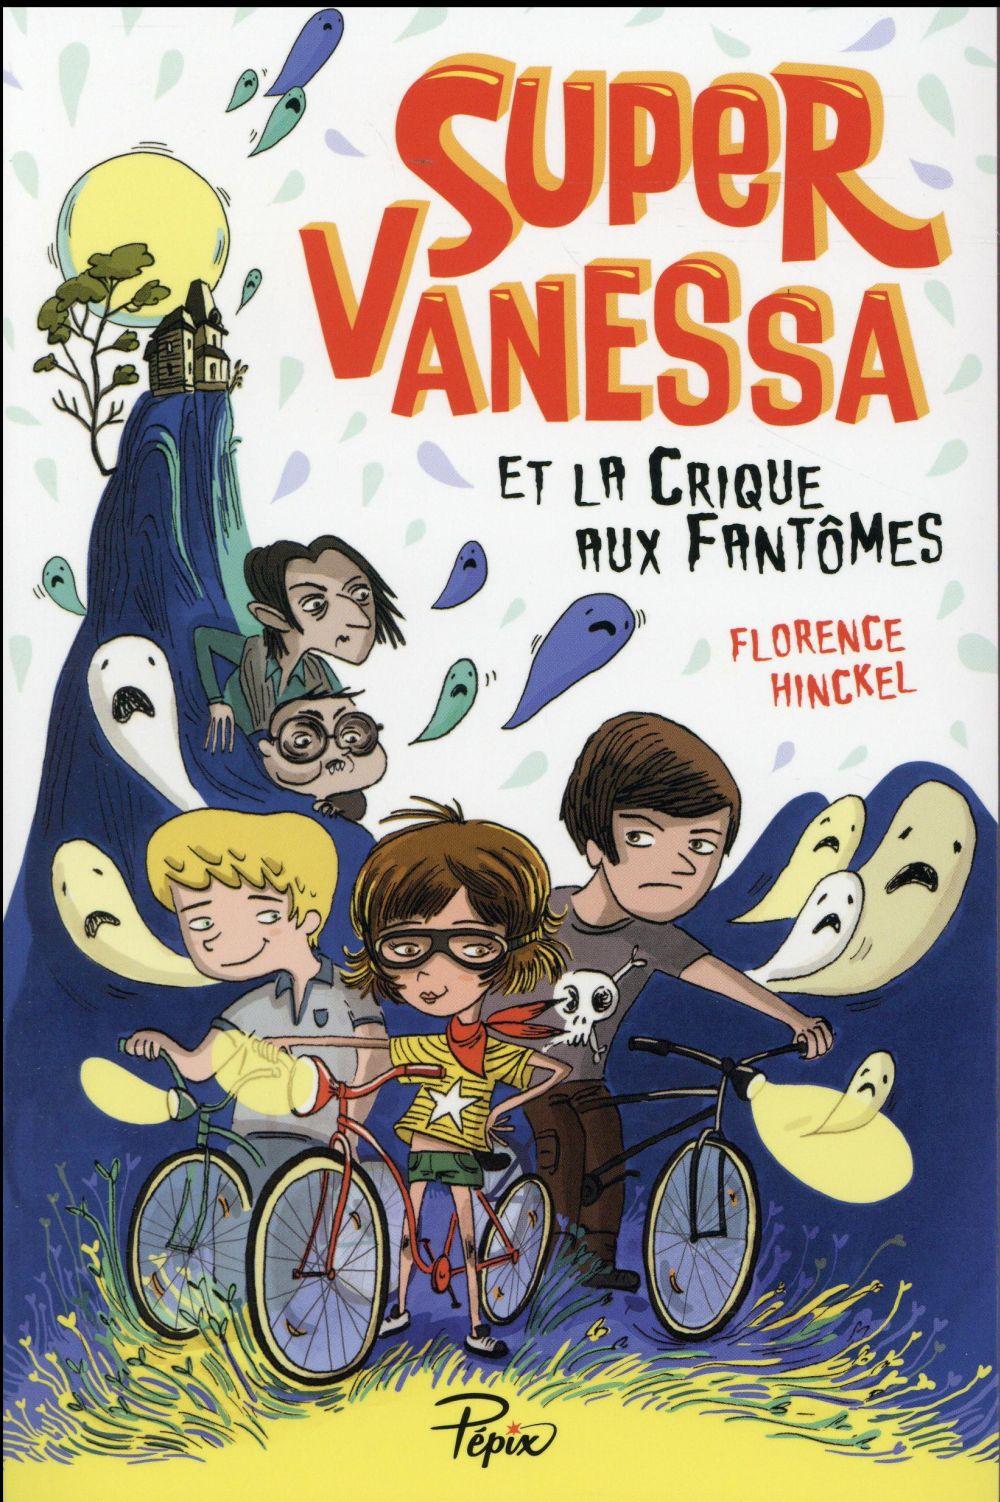 Super Vanessa et la crique aux fantômes